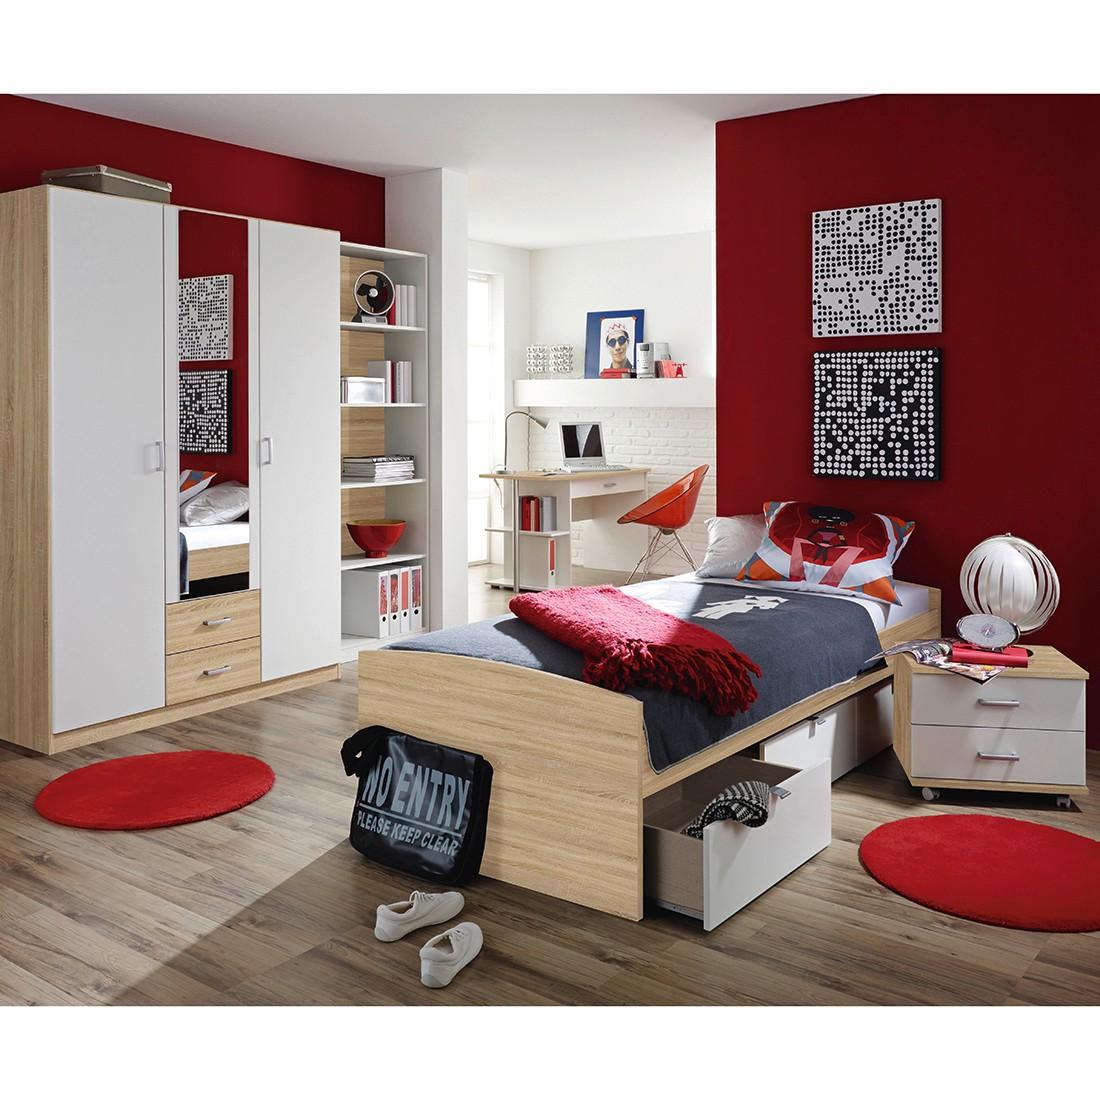 bettdecken baur janine bettw sche biber schlafzimmer ideen wei beige kaktus lattenroste. Black Bedroom Furniture Sets. Home Design Ideas